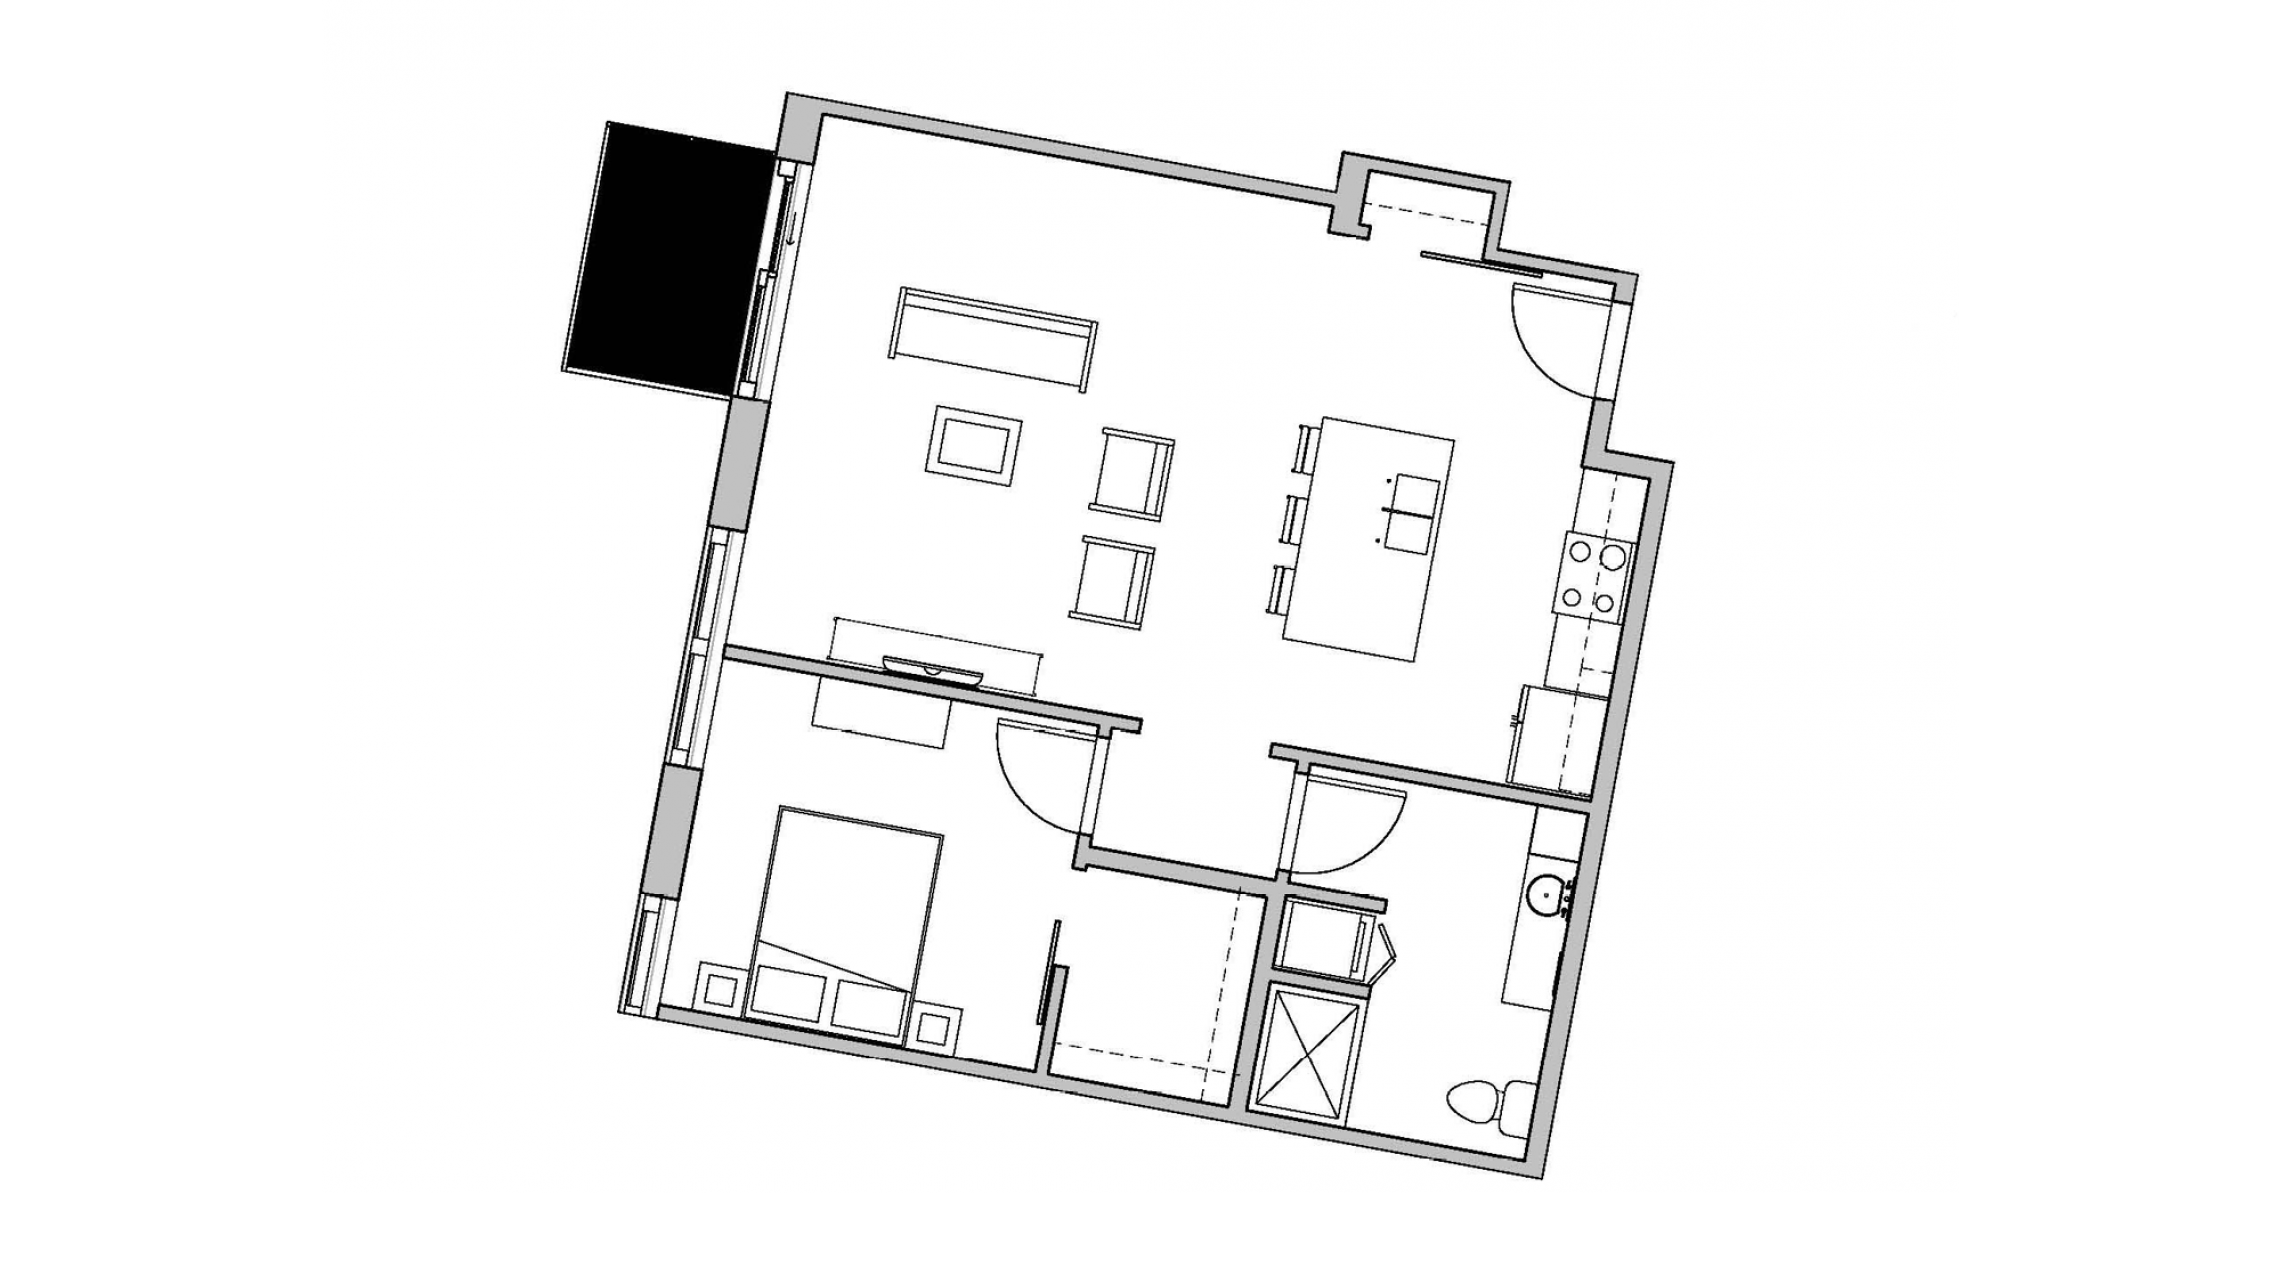 ULI Seven27 314 - One Bedroom, One Bathroom